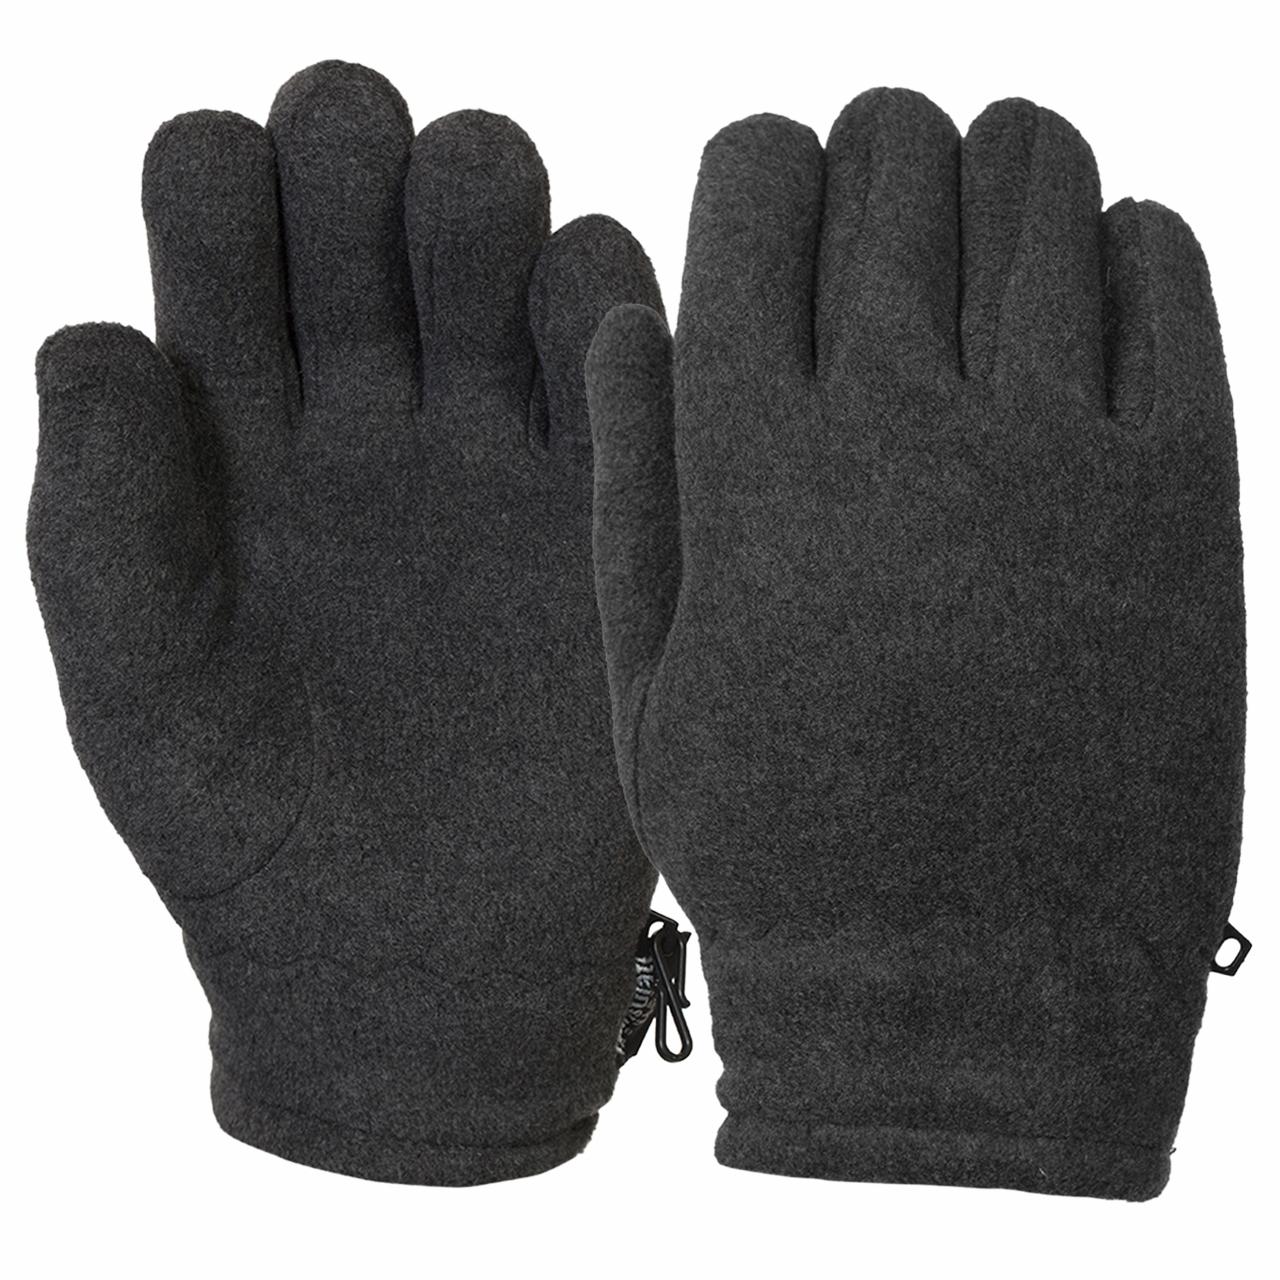 Теплые мужские перчатки из флиса